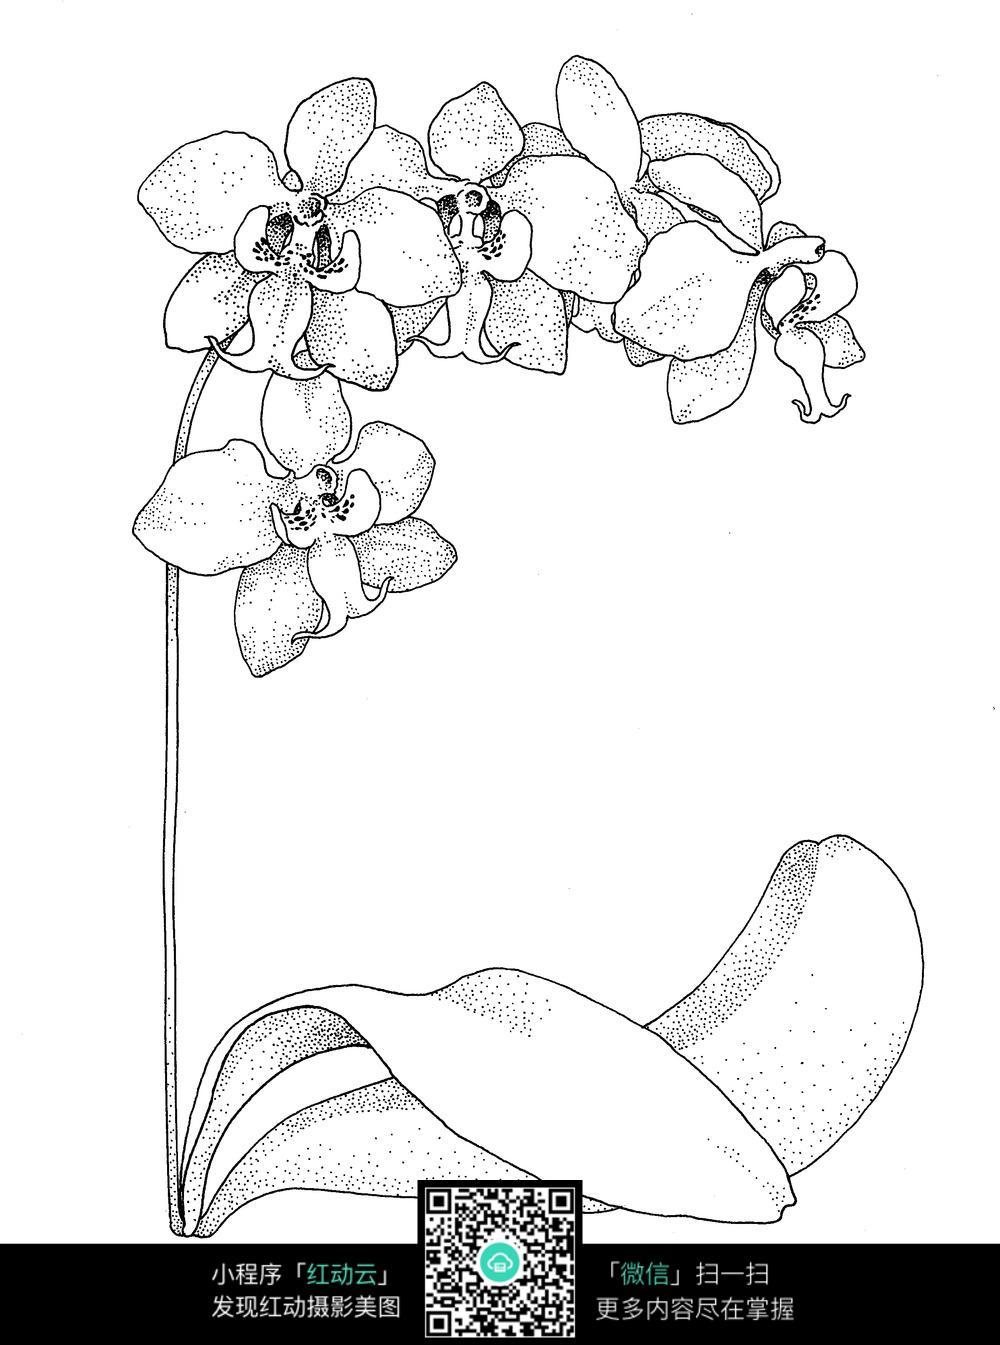 蝴蝶兰手绘